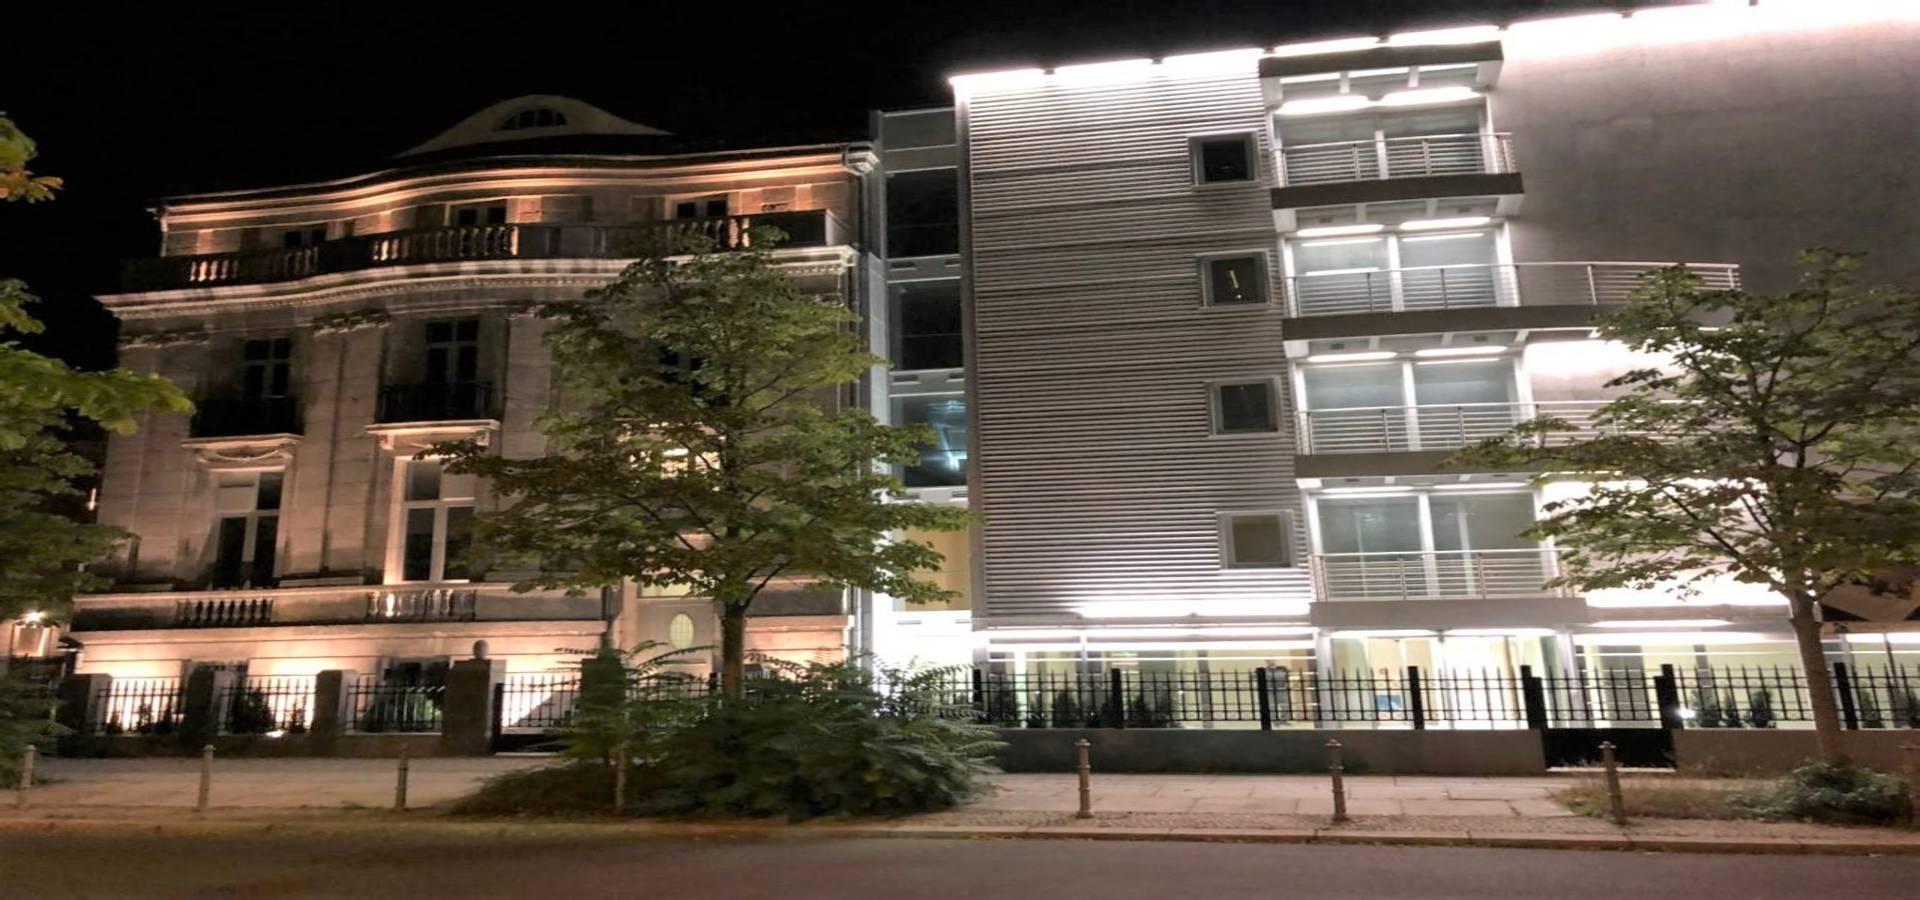 Ελληνική Πρεσβεία και Πρεσβευτική Κατοικία στο Βερολίνο